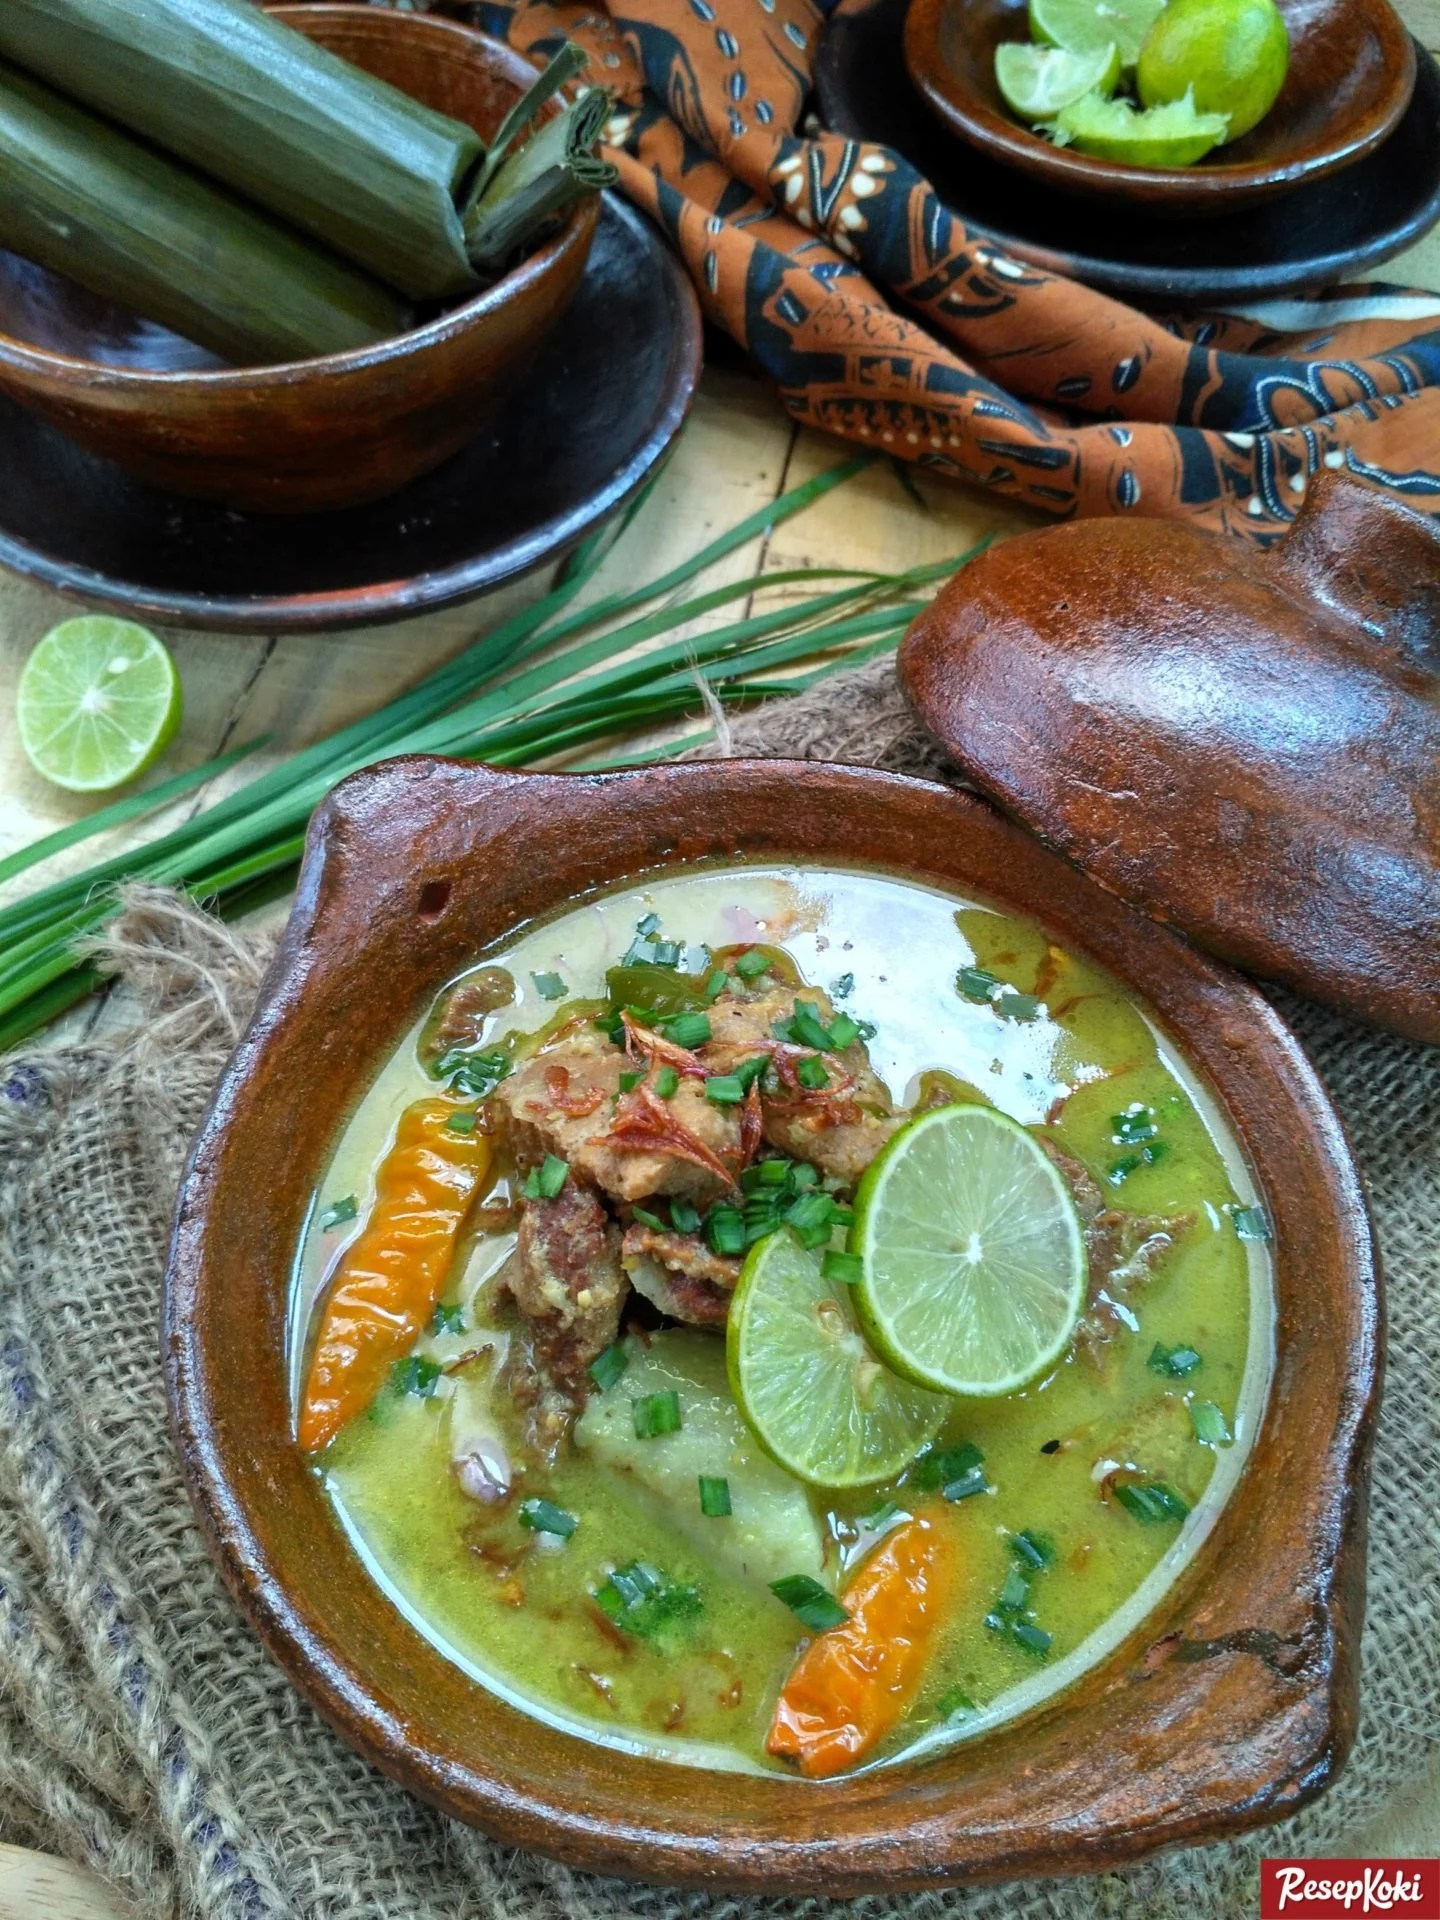 Resep Empal Gentong Cirebon : resep, empal, gentong, cirebon, Empal, Gentong, Komplit, Istimewa, Cirebon, Resep, ResepKoki